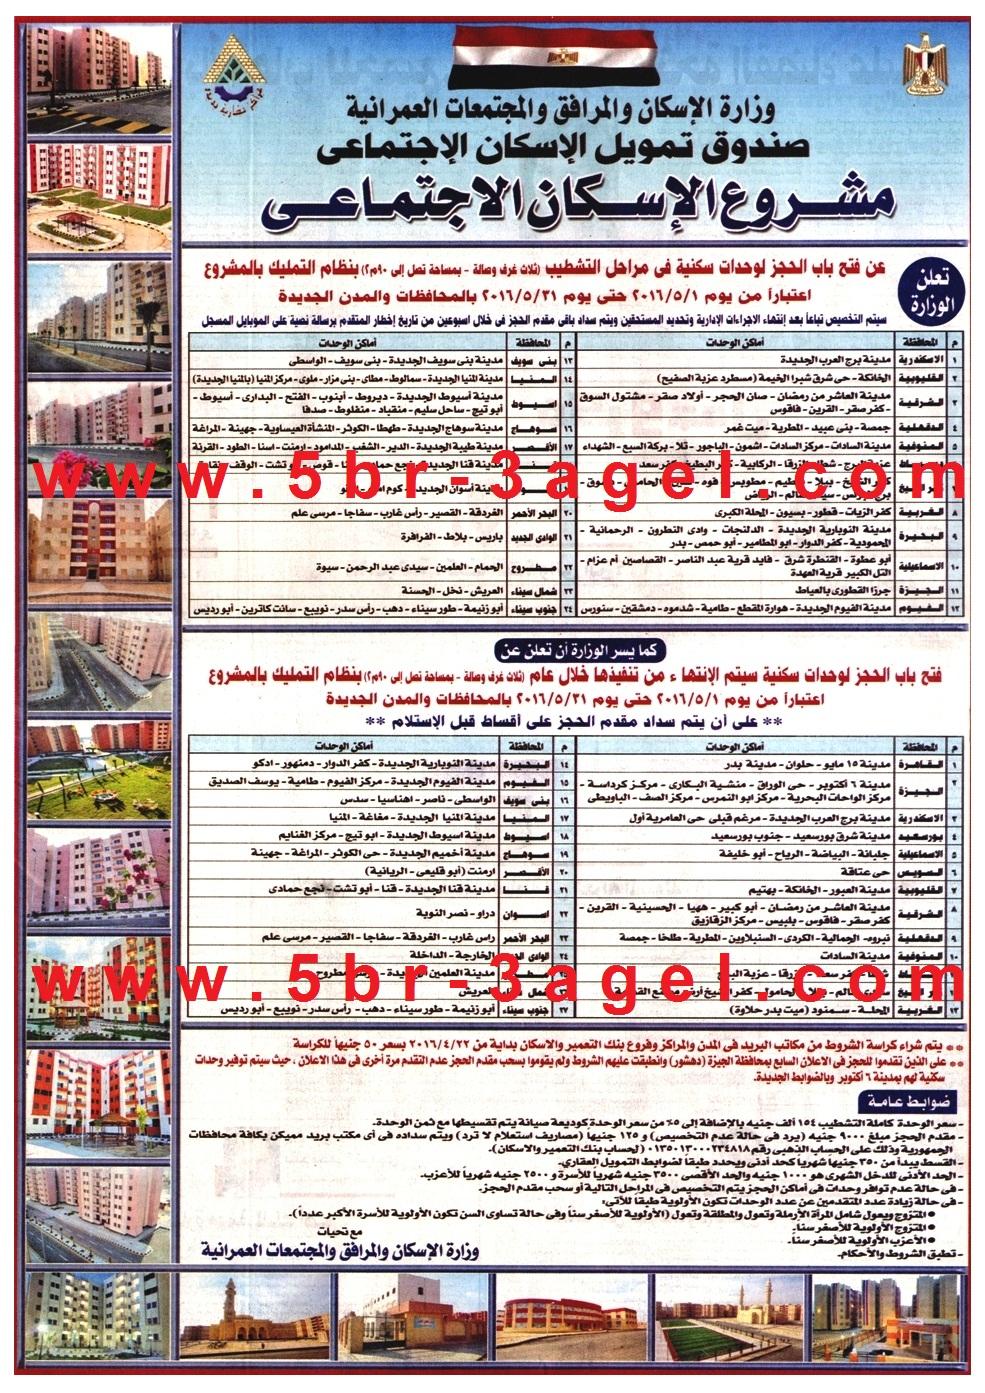 اعلان وزارة الاسكان بدء حجز وحدات سكنية للشباب بجميع المحافظات بقسط 350 جنيه شهريا